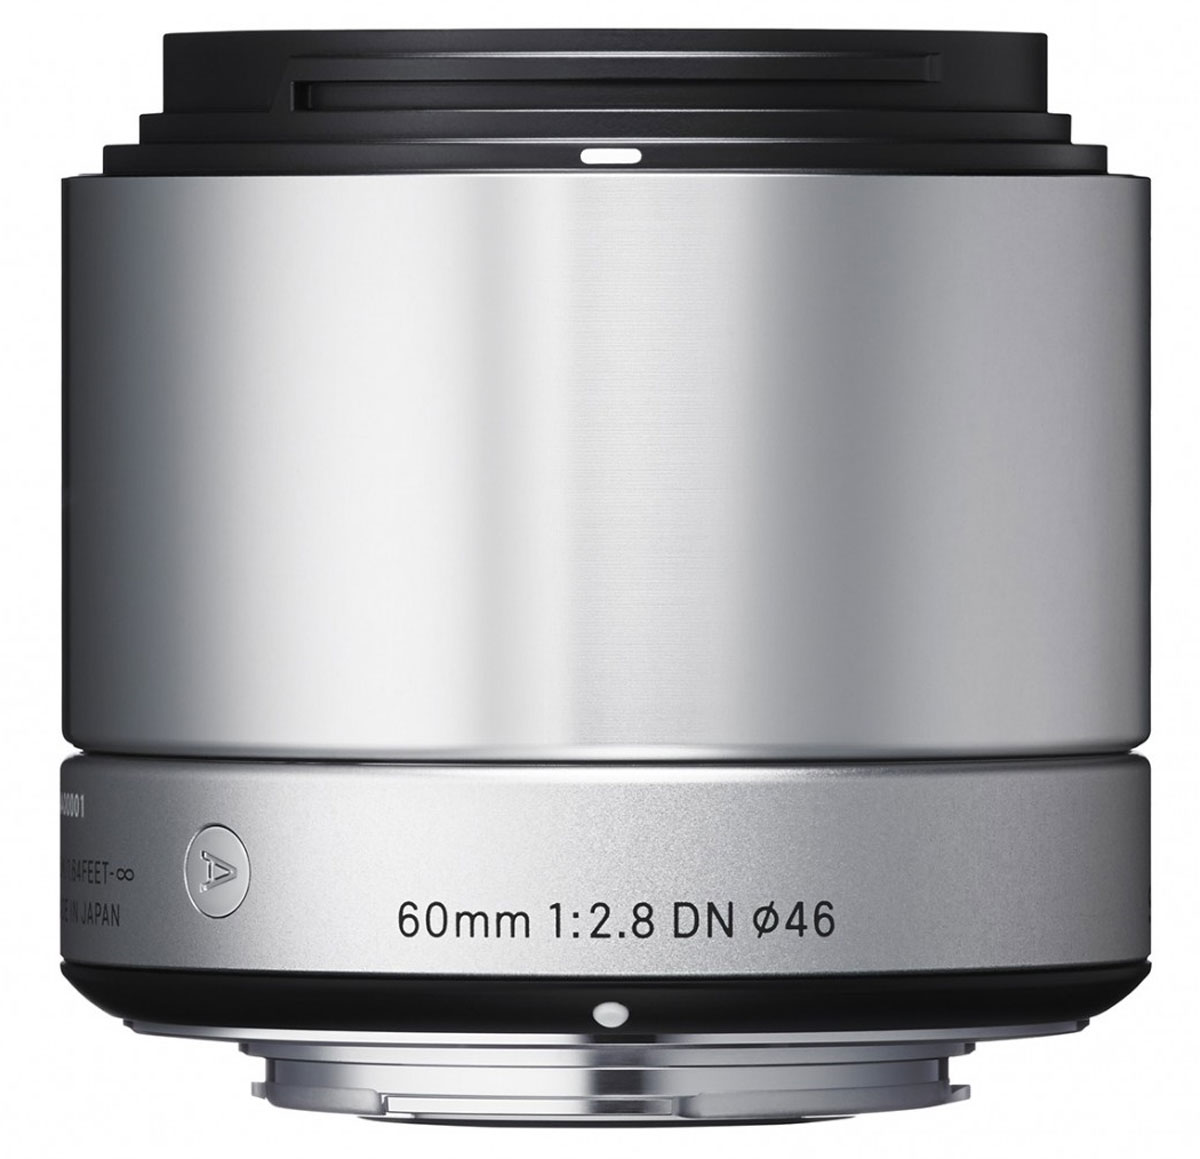 Sigma AF 60mm f/2.8 DN/A, Silver объектив для Sony E (NEX) объектив sony sel 55210 55 210 mm f 4 5 6 3 oss for nex silver